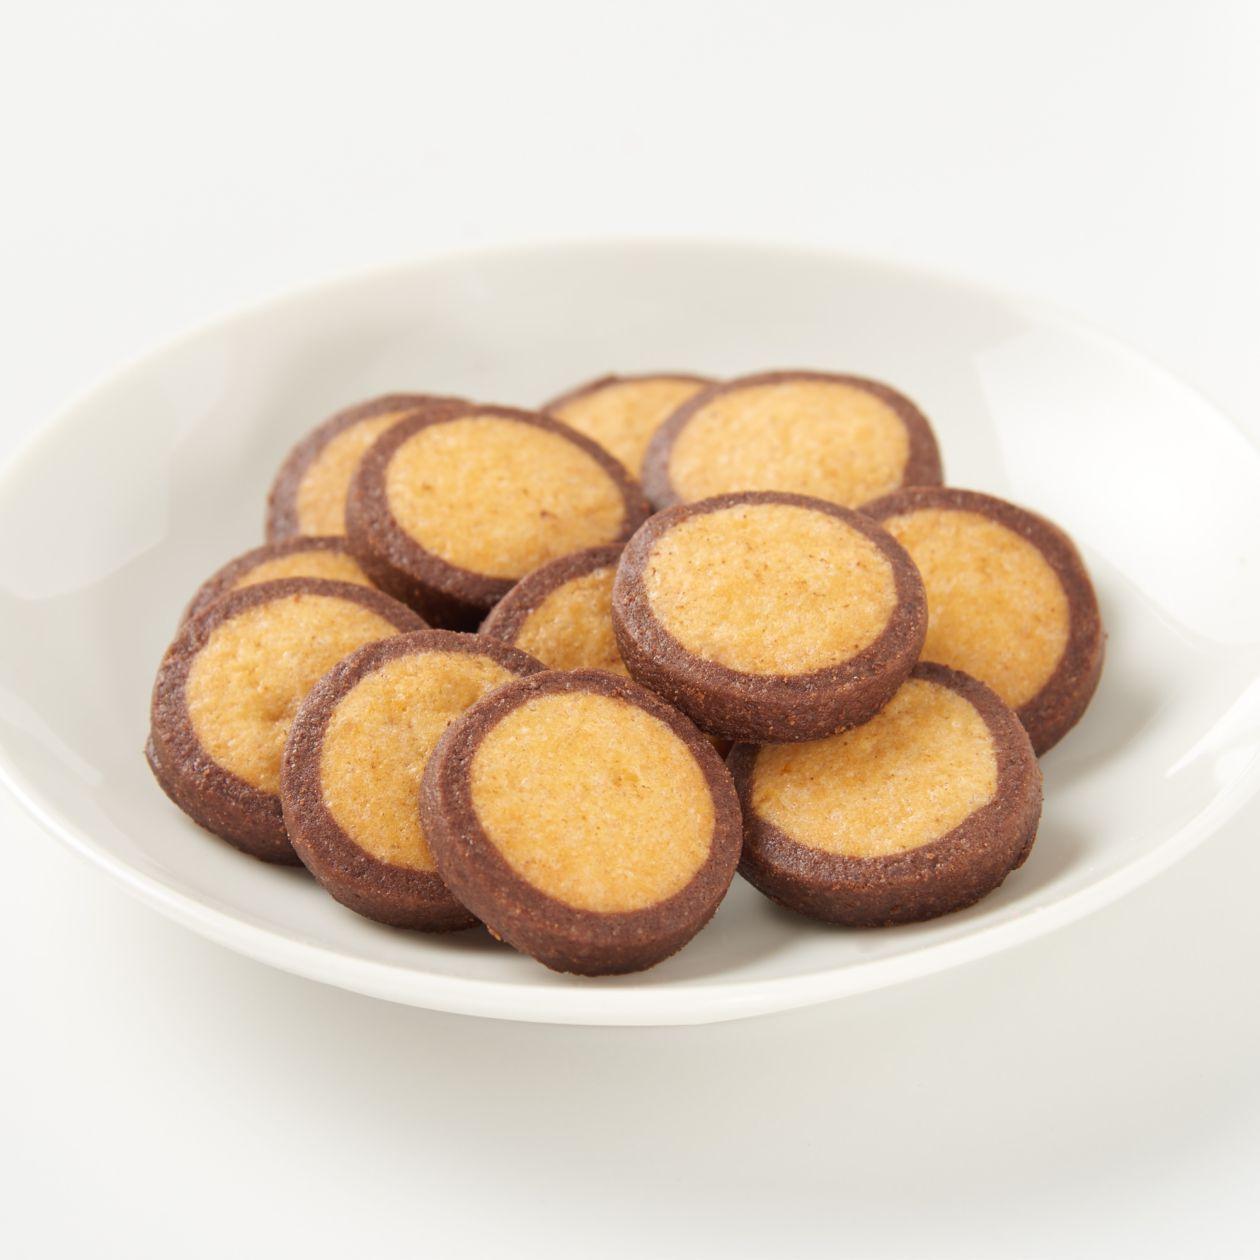 オレンジとショコラのクッキー